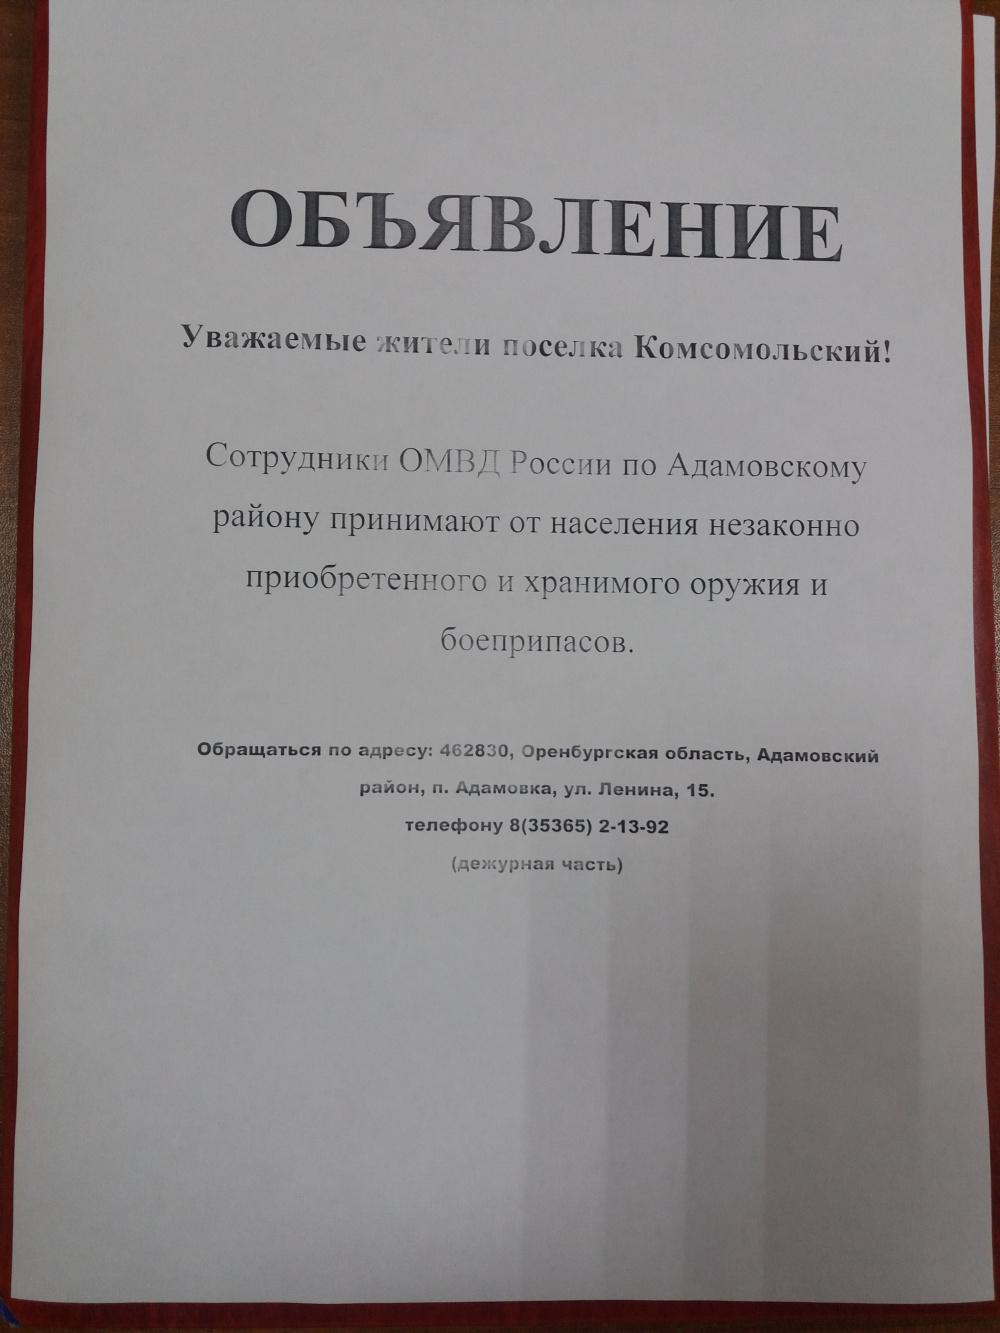 ОМВД России по Адамовскому району сообщает